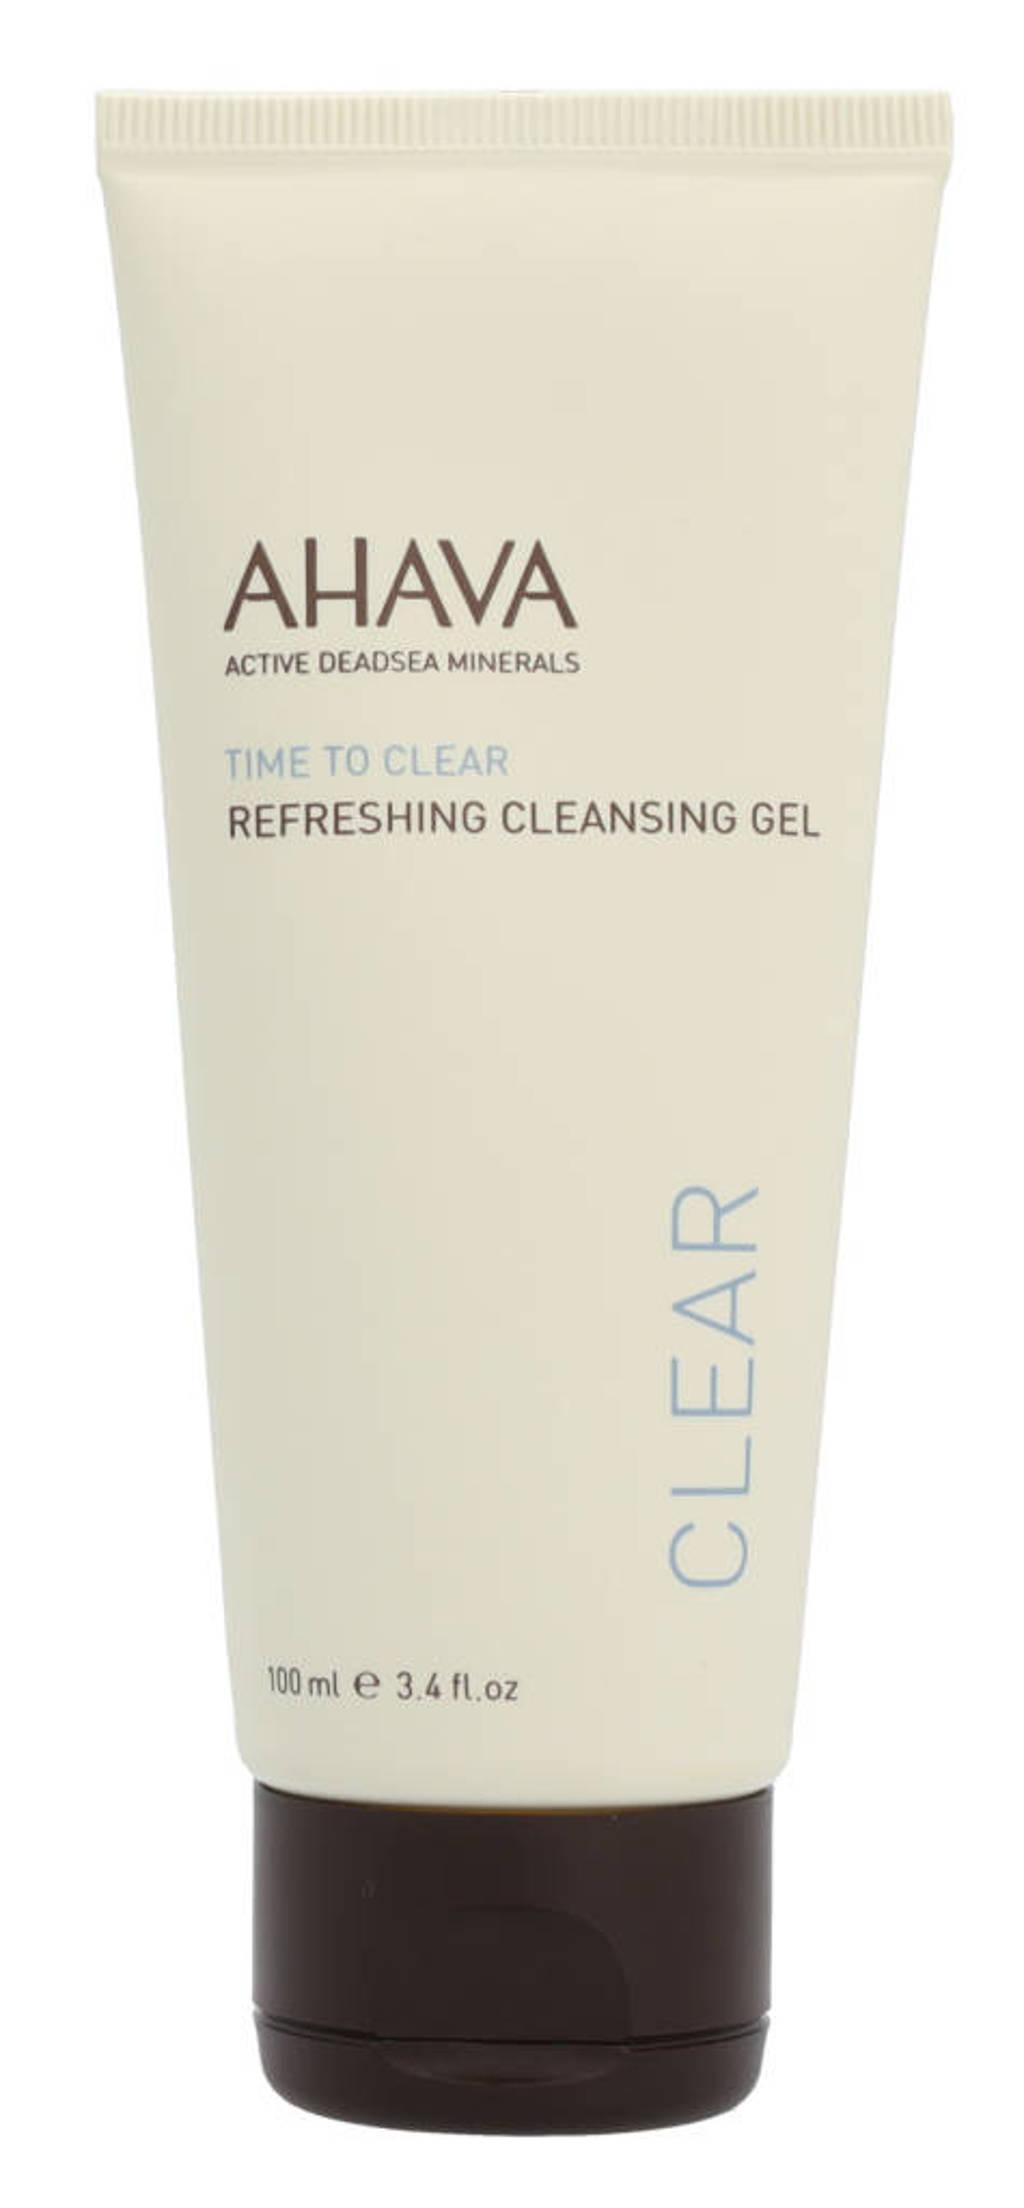 Ahava Refreshing Cleansing Gel gezichtsreiniger - 100 ml